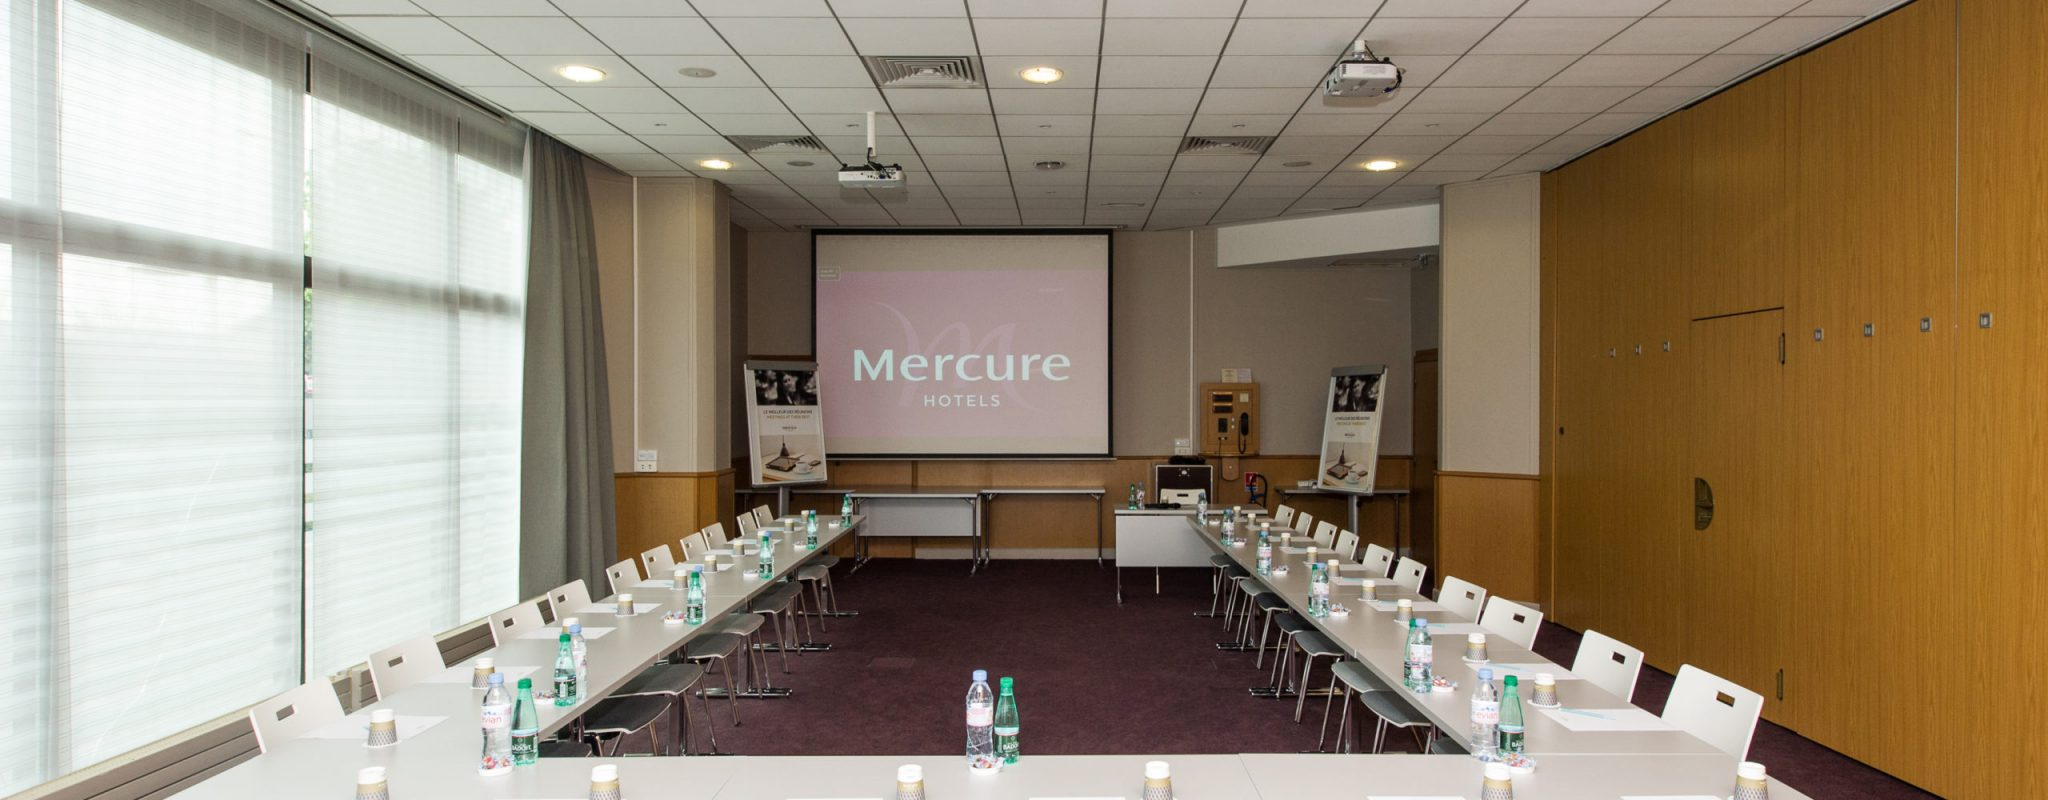 Hotel Mercure salon Louis XV